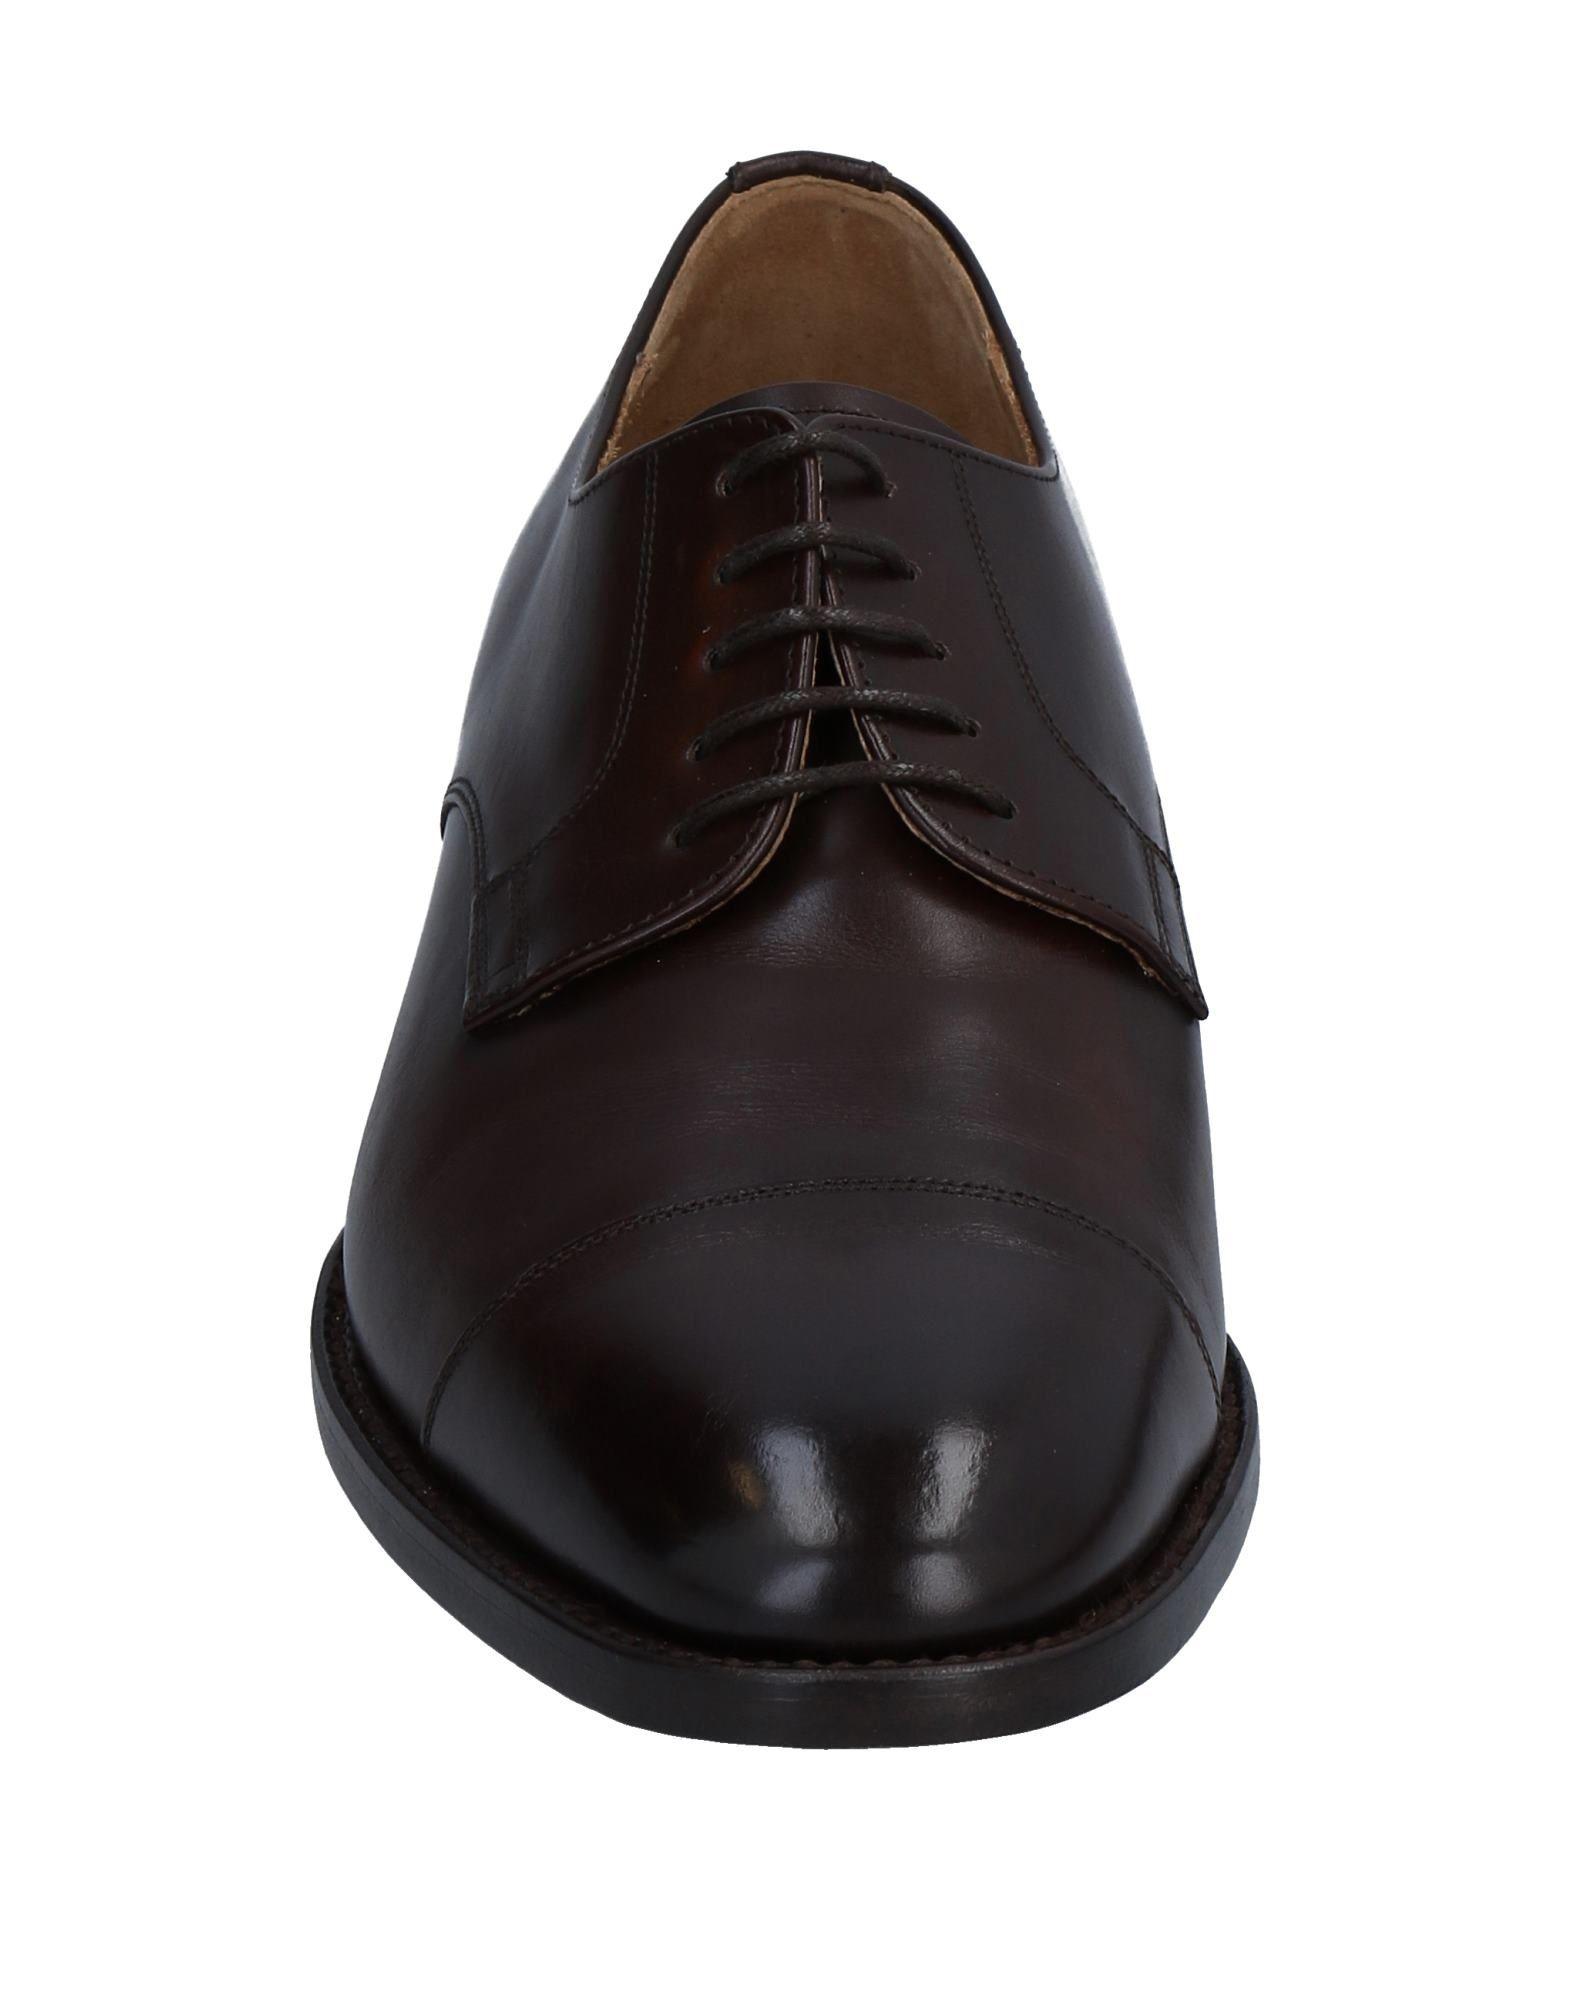 Cordwainer Schnürschuhe Herren  11534481NN Gute Qualität beliebte Schuhe